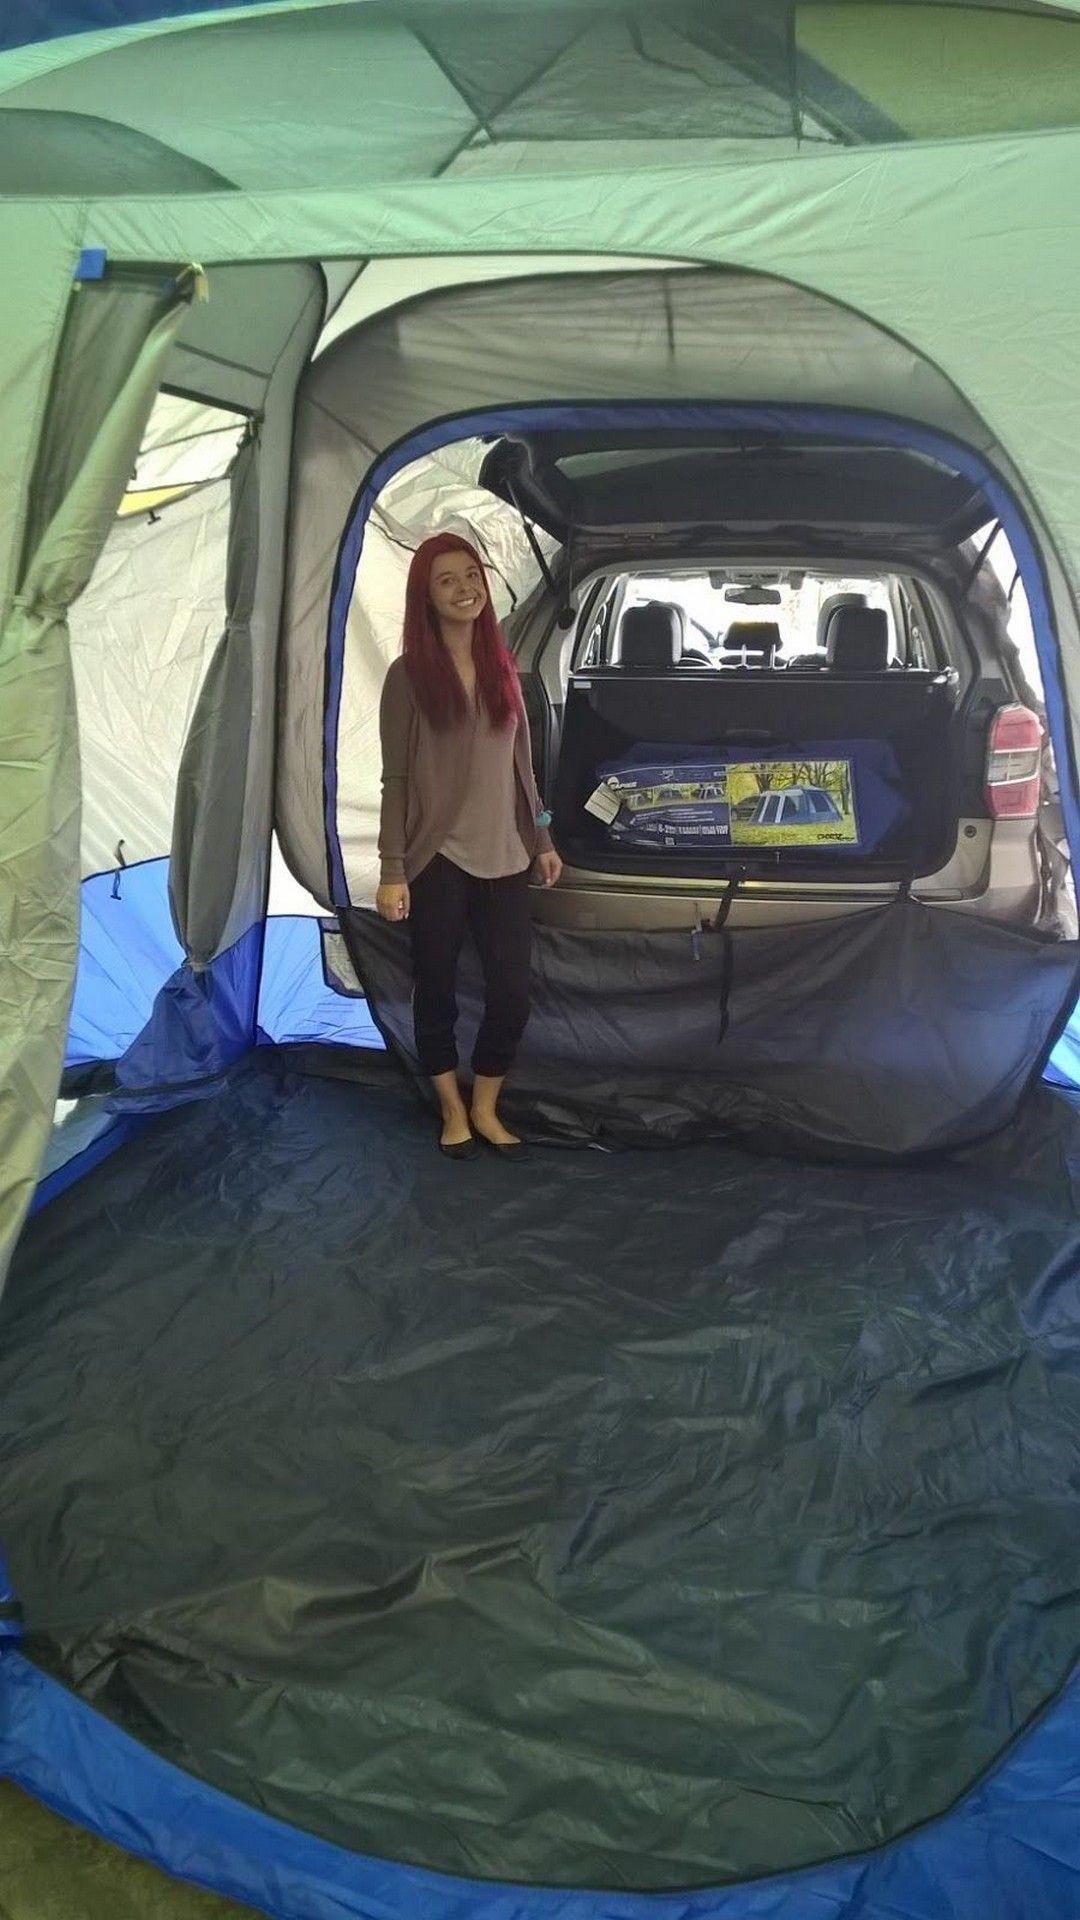 diy camping gear #Campinggear